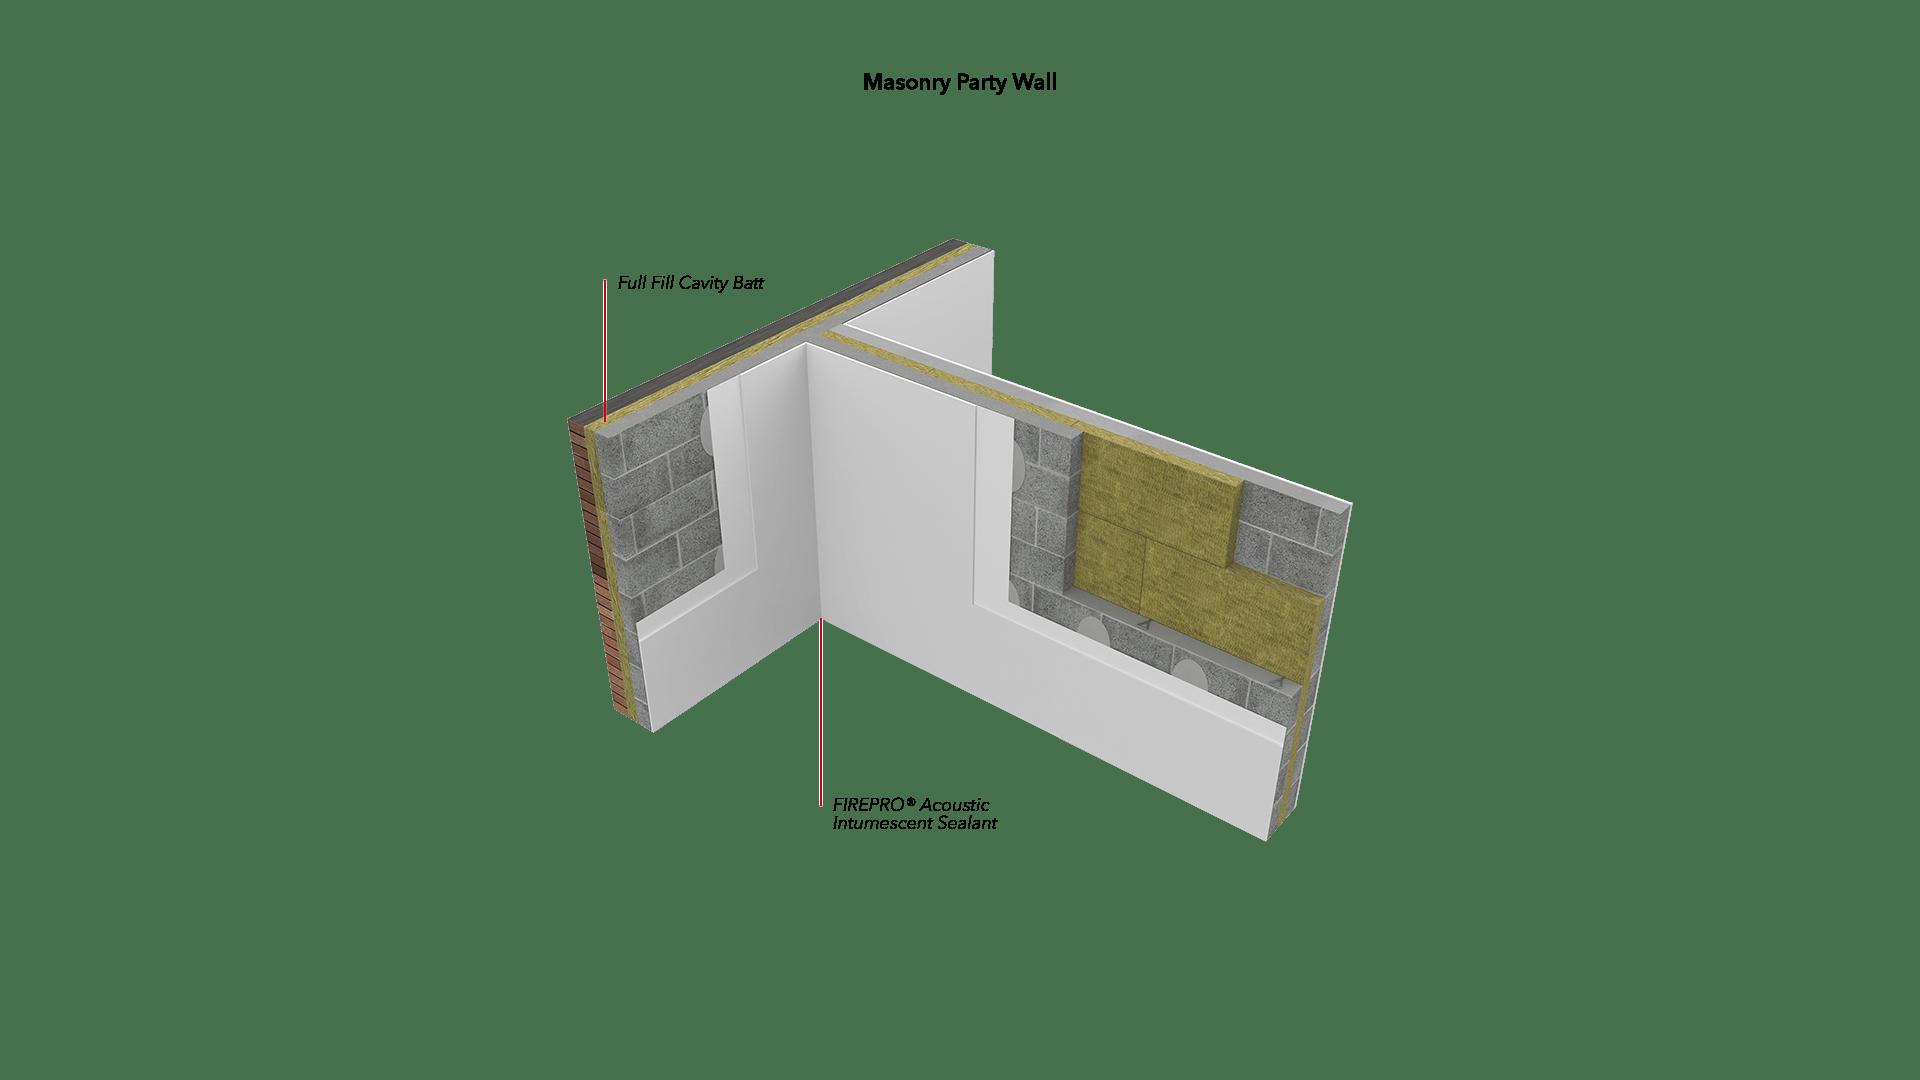 Masonry Party Wall - Full Fill Cavity Batt, Acoustic Intumescent Sealant